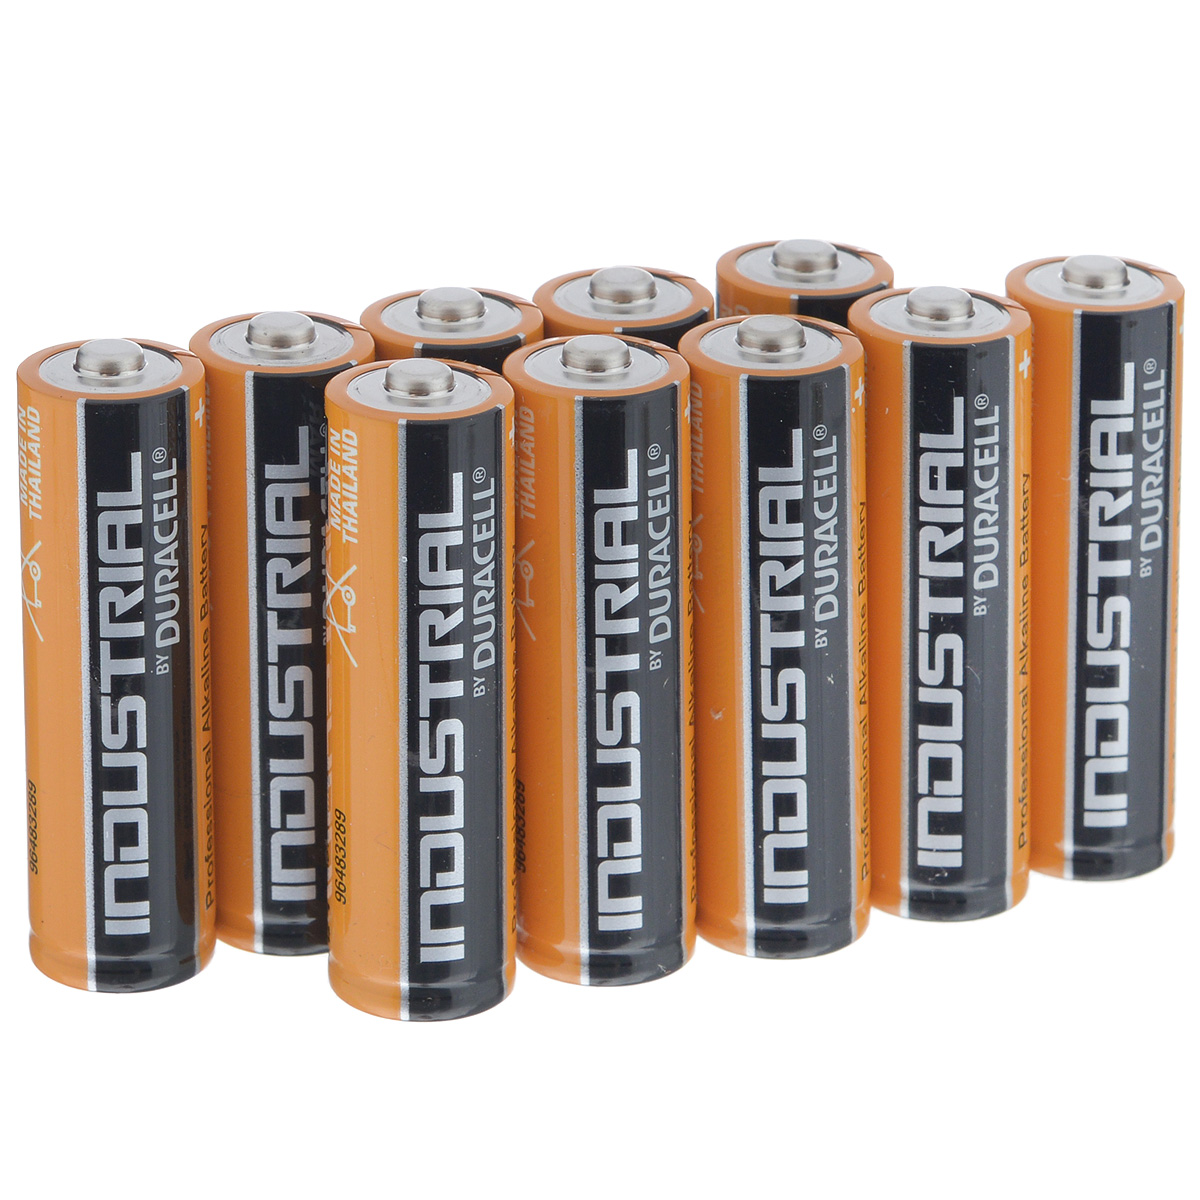 Батарейка алкалиновая Duracell Industrial LR6, тип АА, 1,5V, 10 шт637087/620467Батарейка алкалиновая Duracell Industrial LR6 предназначена для использования в приборах с высоким потреблением электроэнергии: фотоаппараты, плееры, фонари.